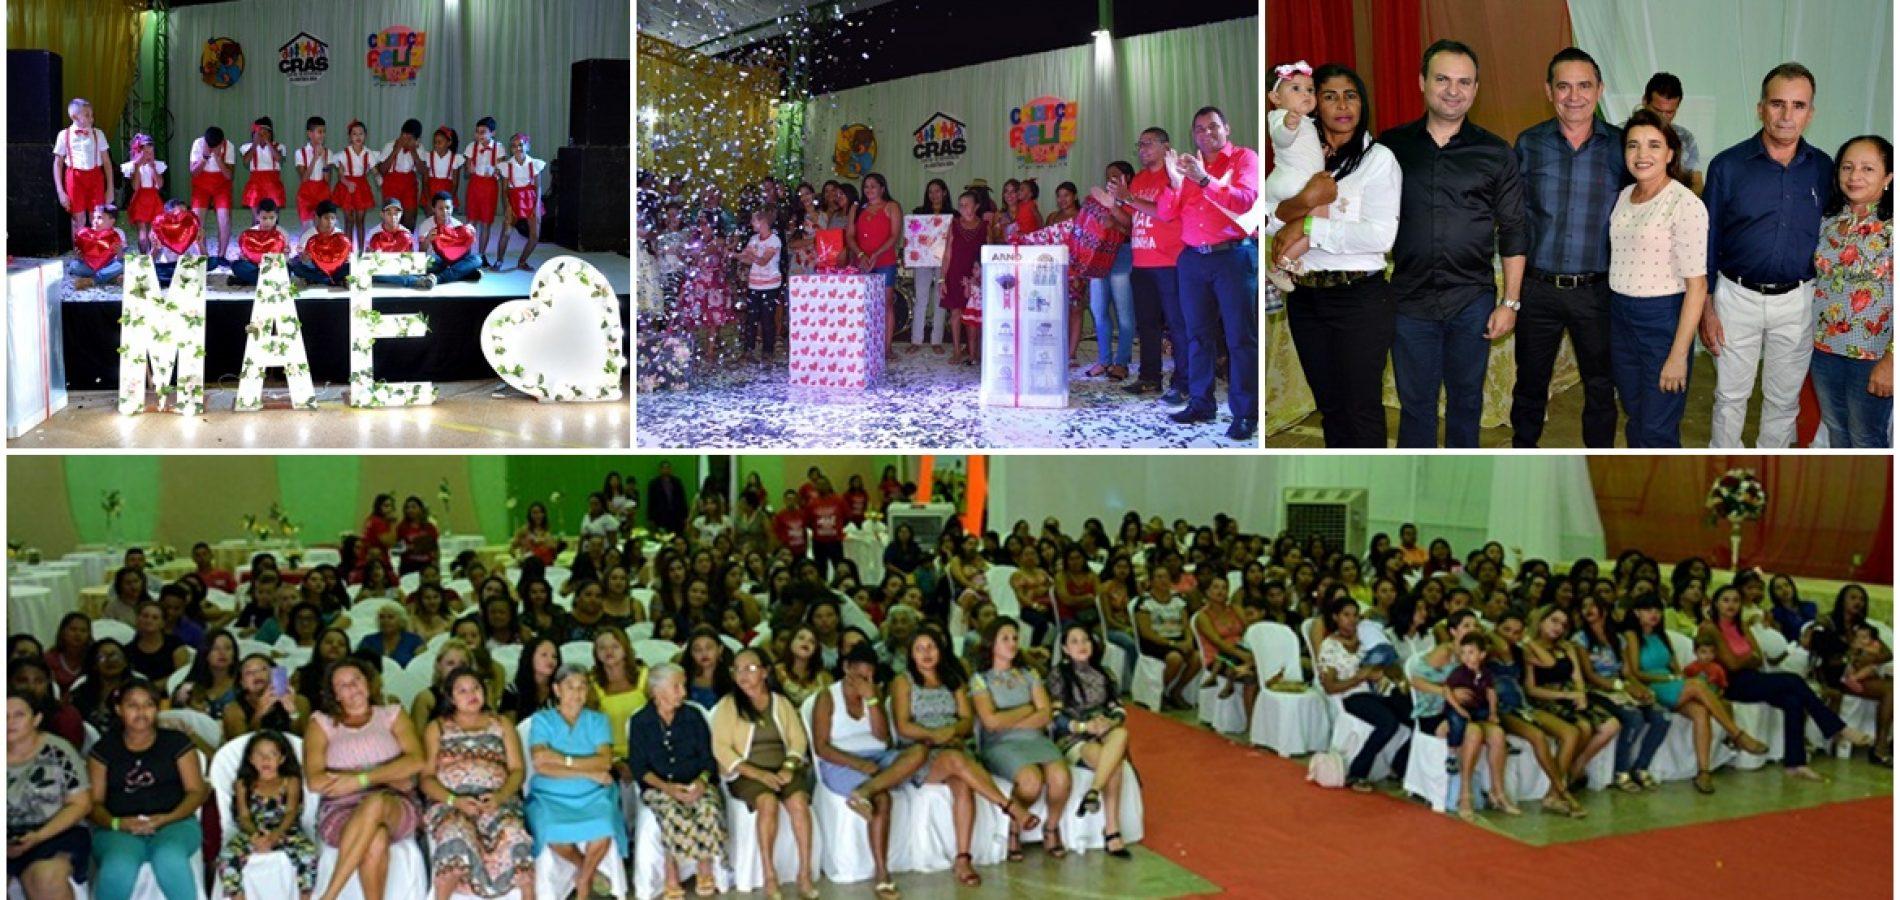 GEMINIANO   Assistência Social realiza festa em homenagem às mães; veja fotos